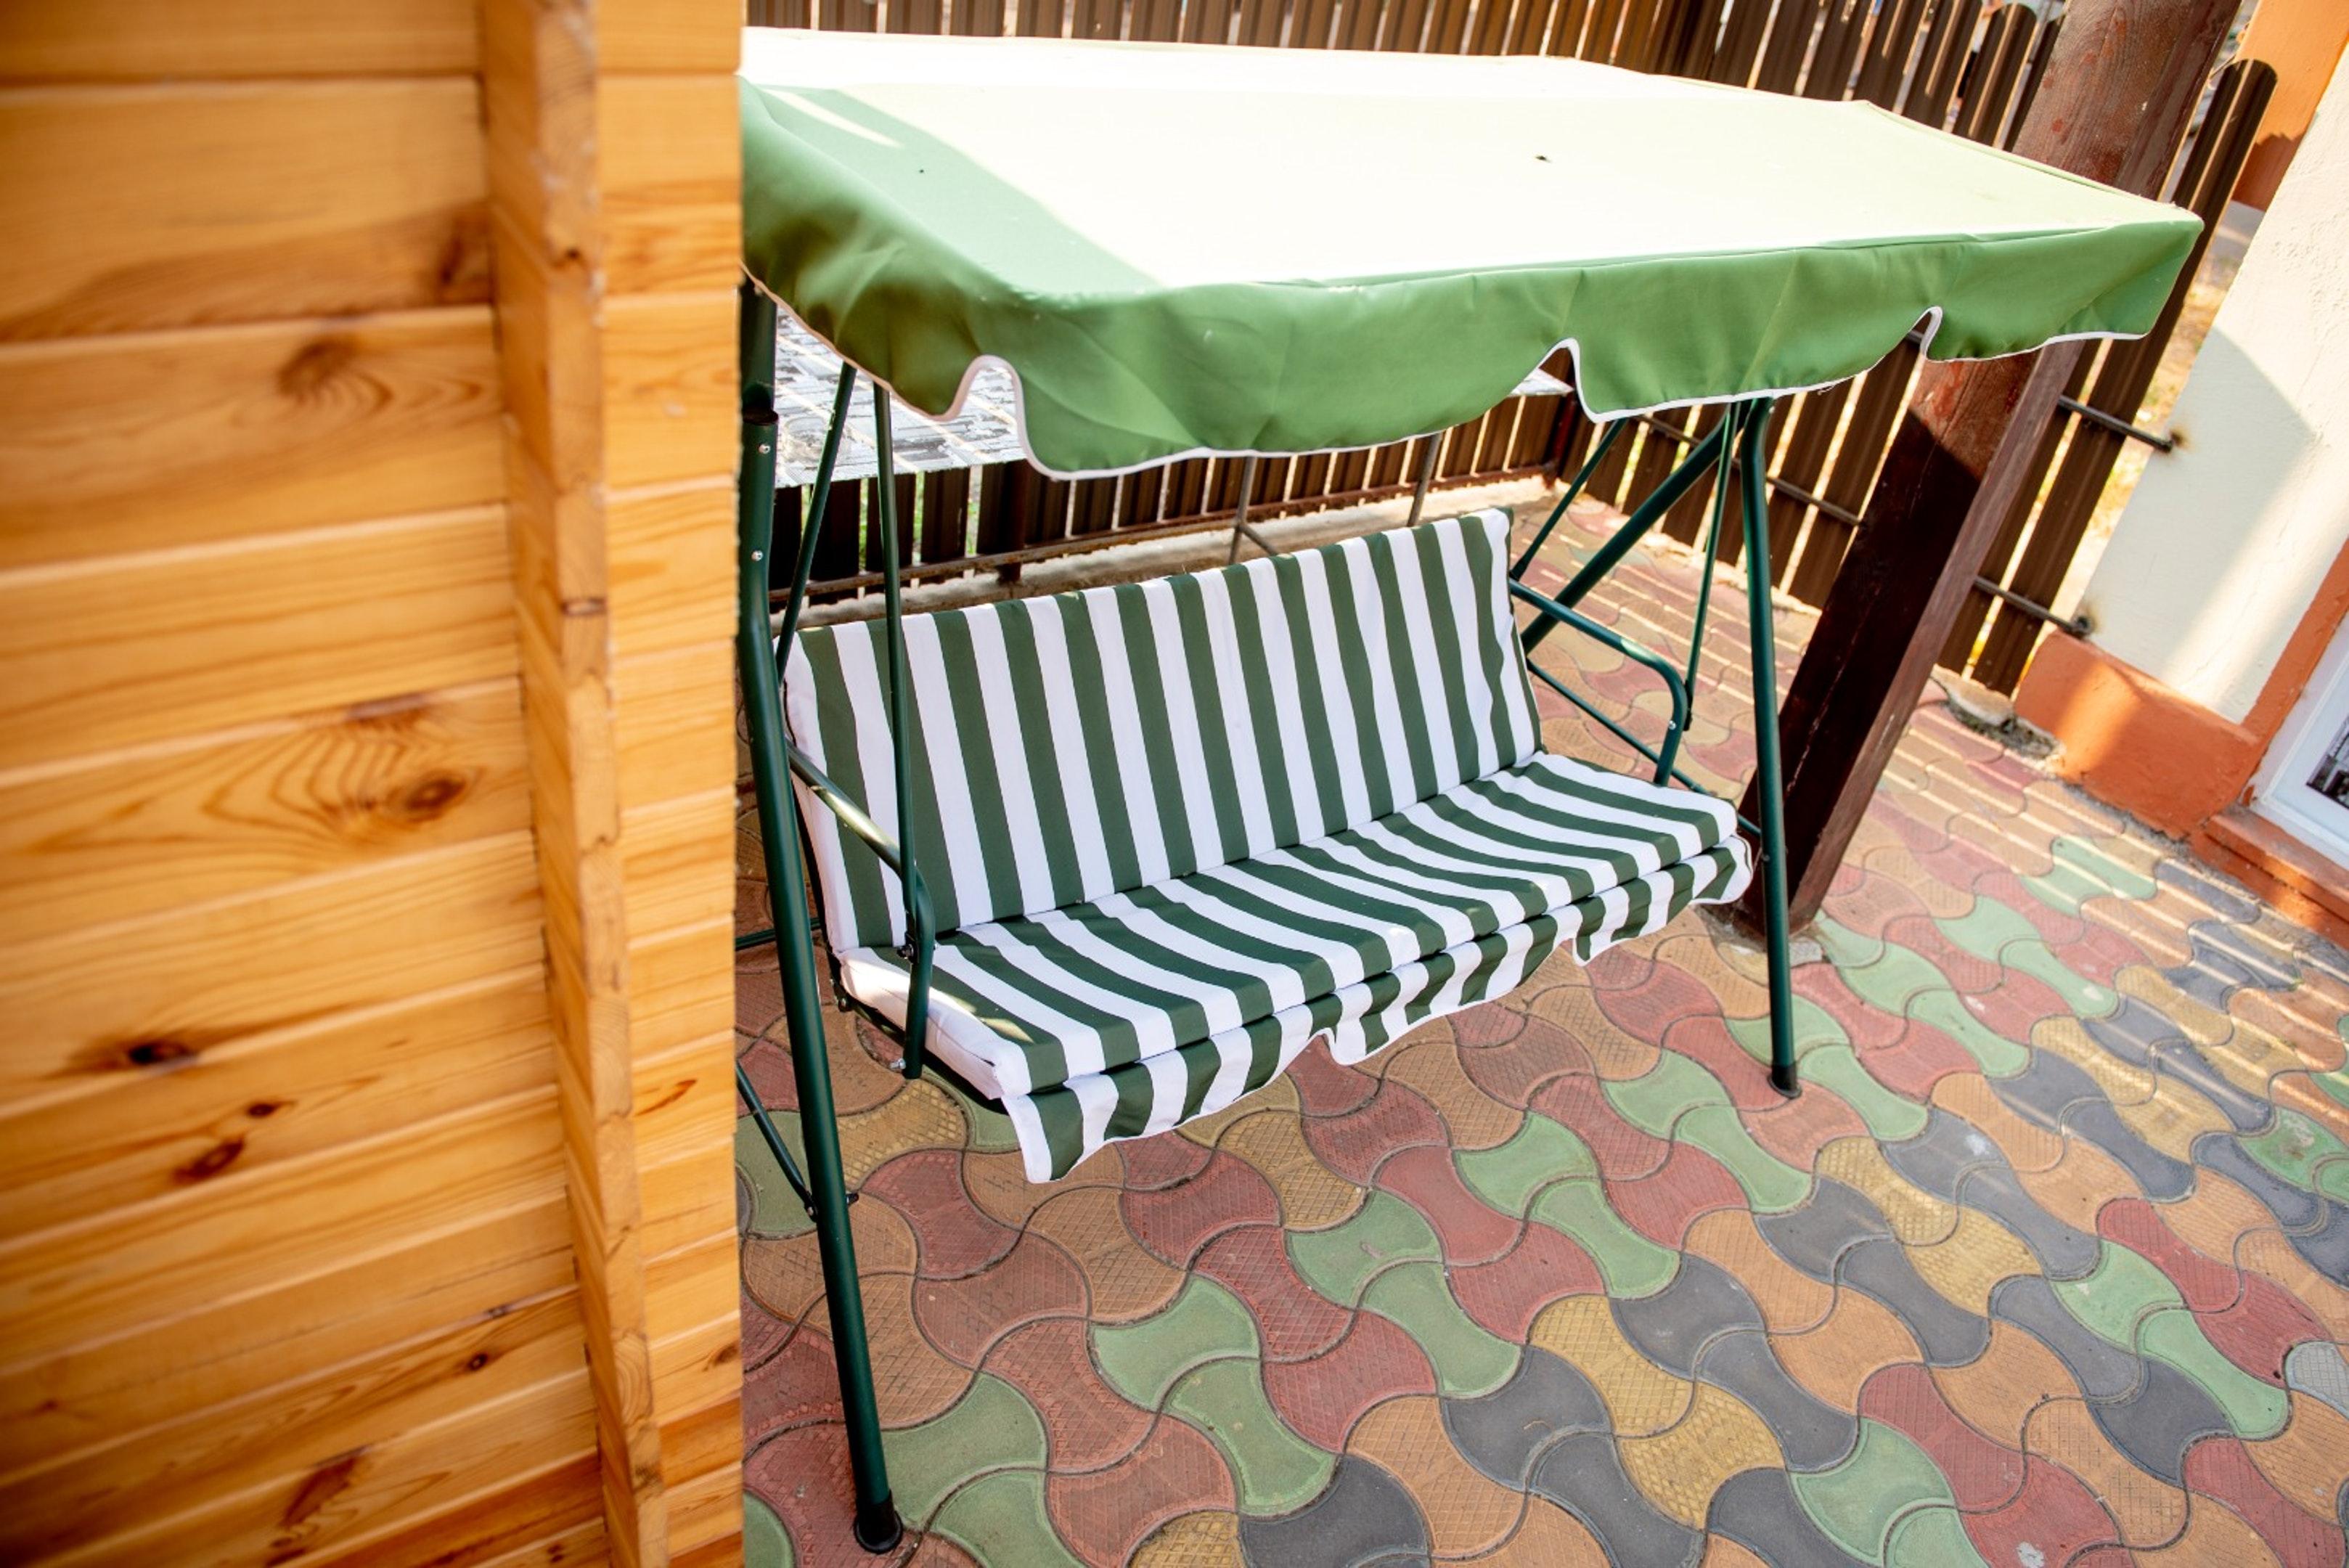 Studio in Constan?a mit eingezäuntem Garten u Ferienwohnung in Rumänien